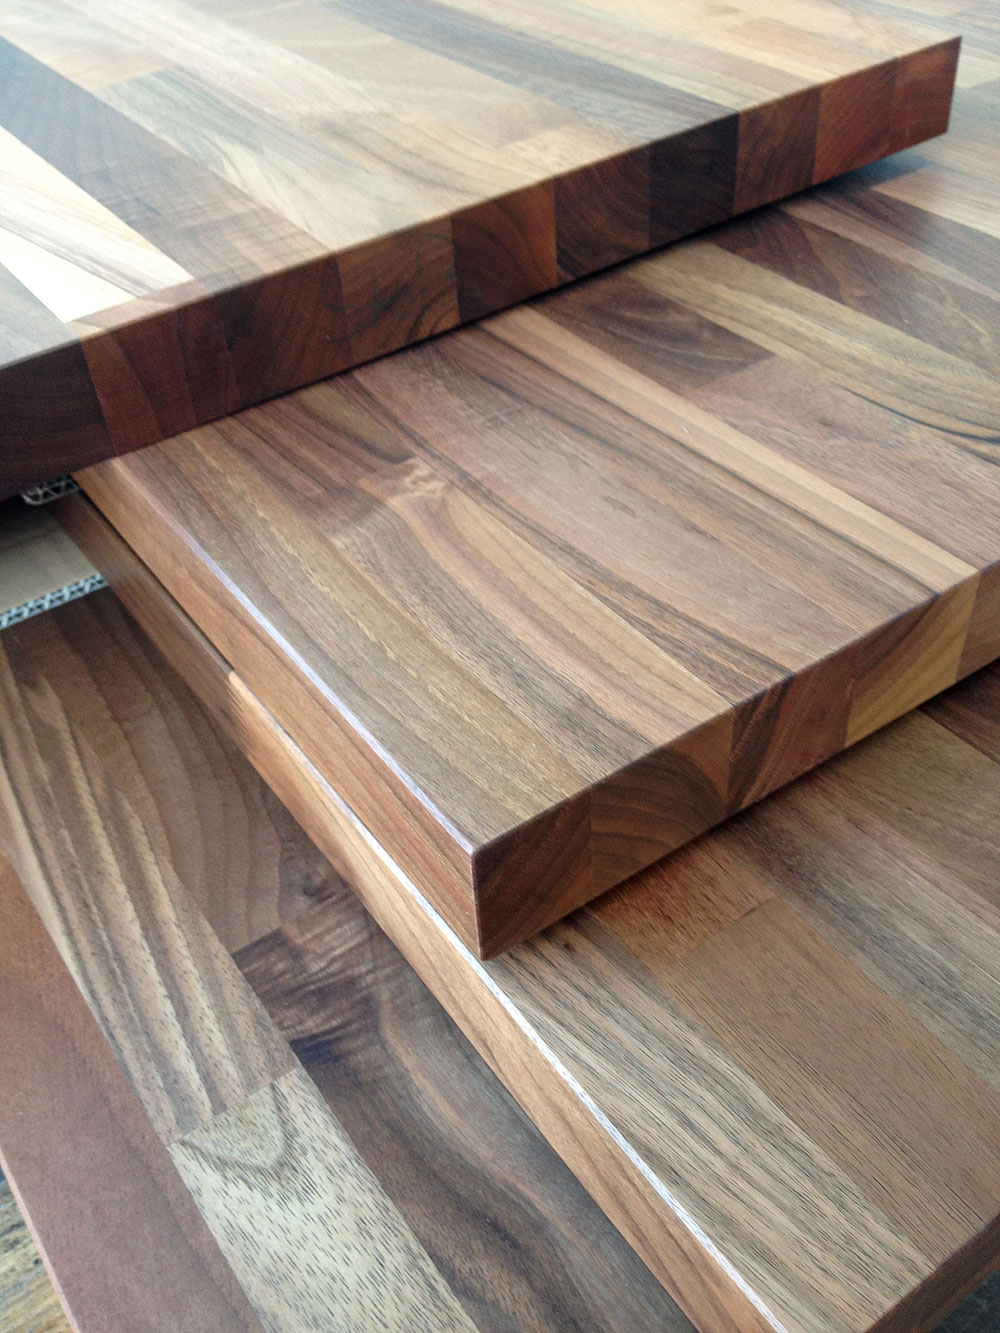 Küchen arbeitsplatte obi preis  Tischplatte Massivholz Europäischer Nussbaum kgz FSC® 40/1600/900